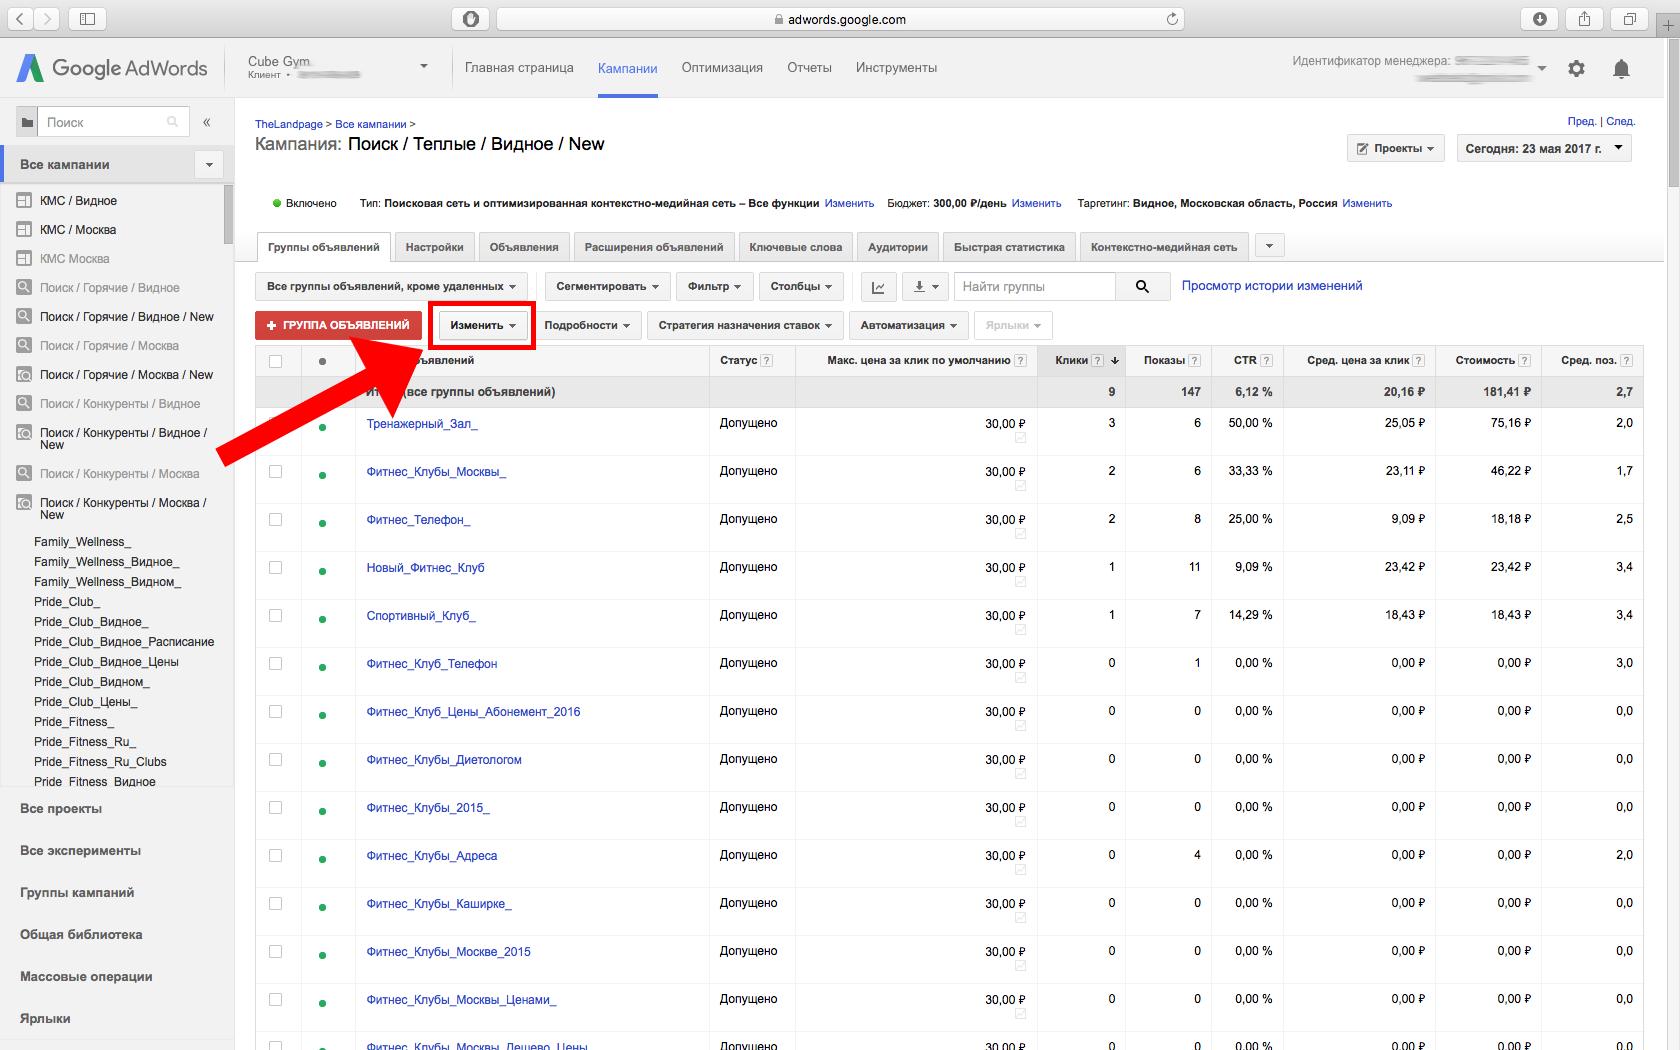 как выгрузить кампанию из google adwords